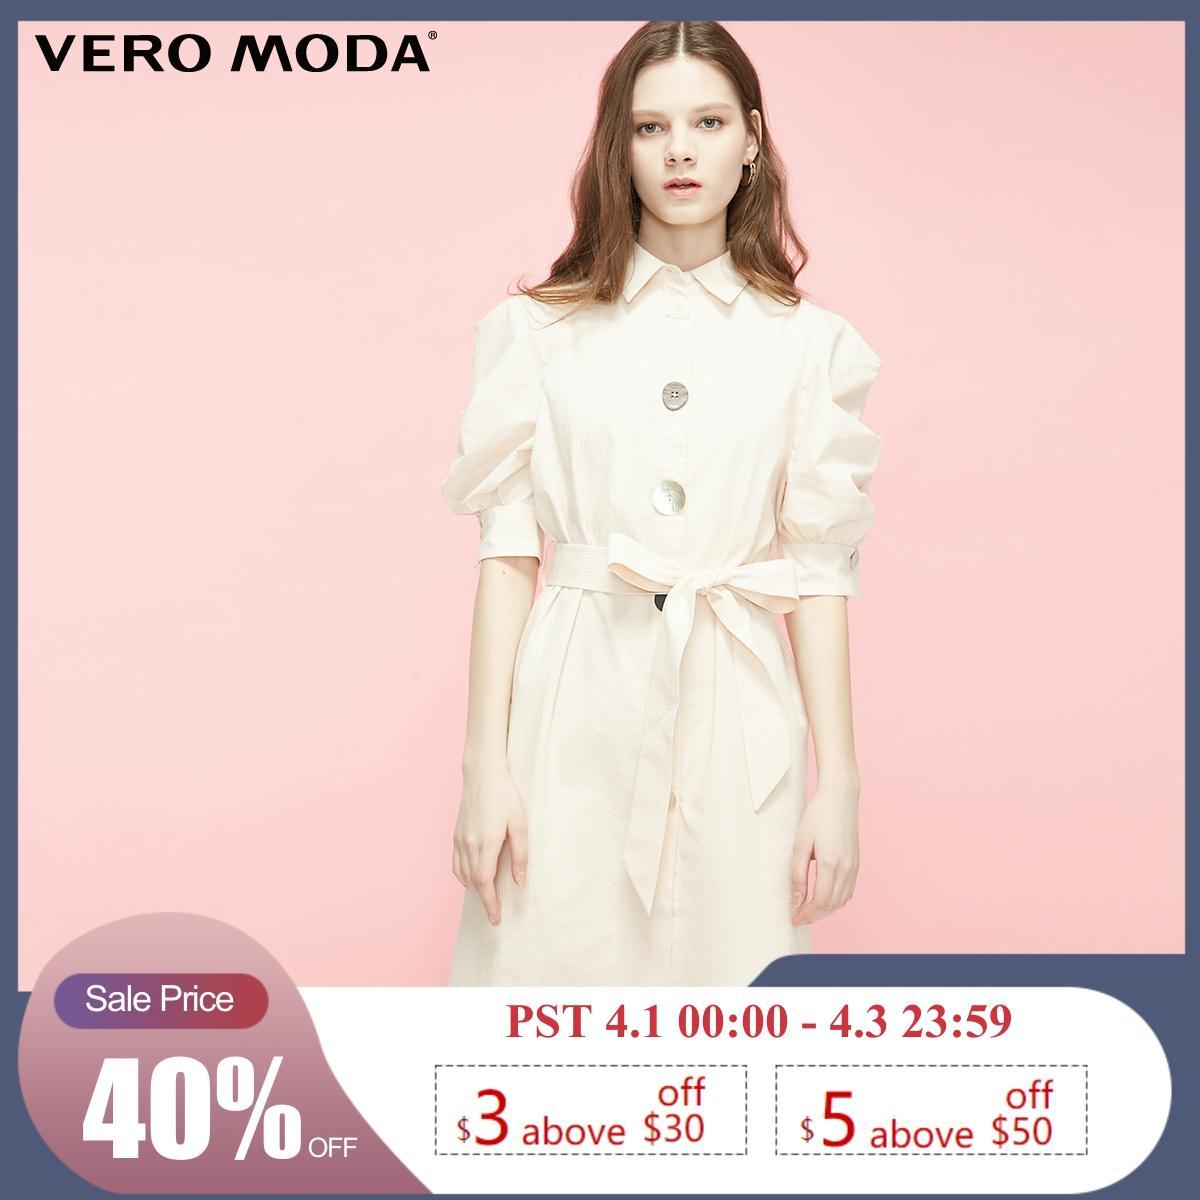 Vero Moda Women's OL Style Puff Sleeves Irregular Buttoned Shirt Collar Dress   31926Z549